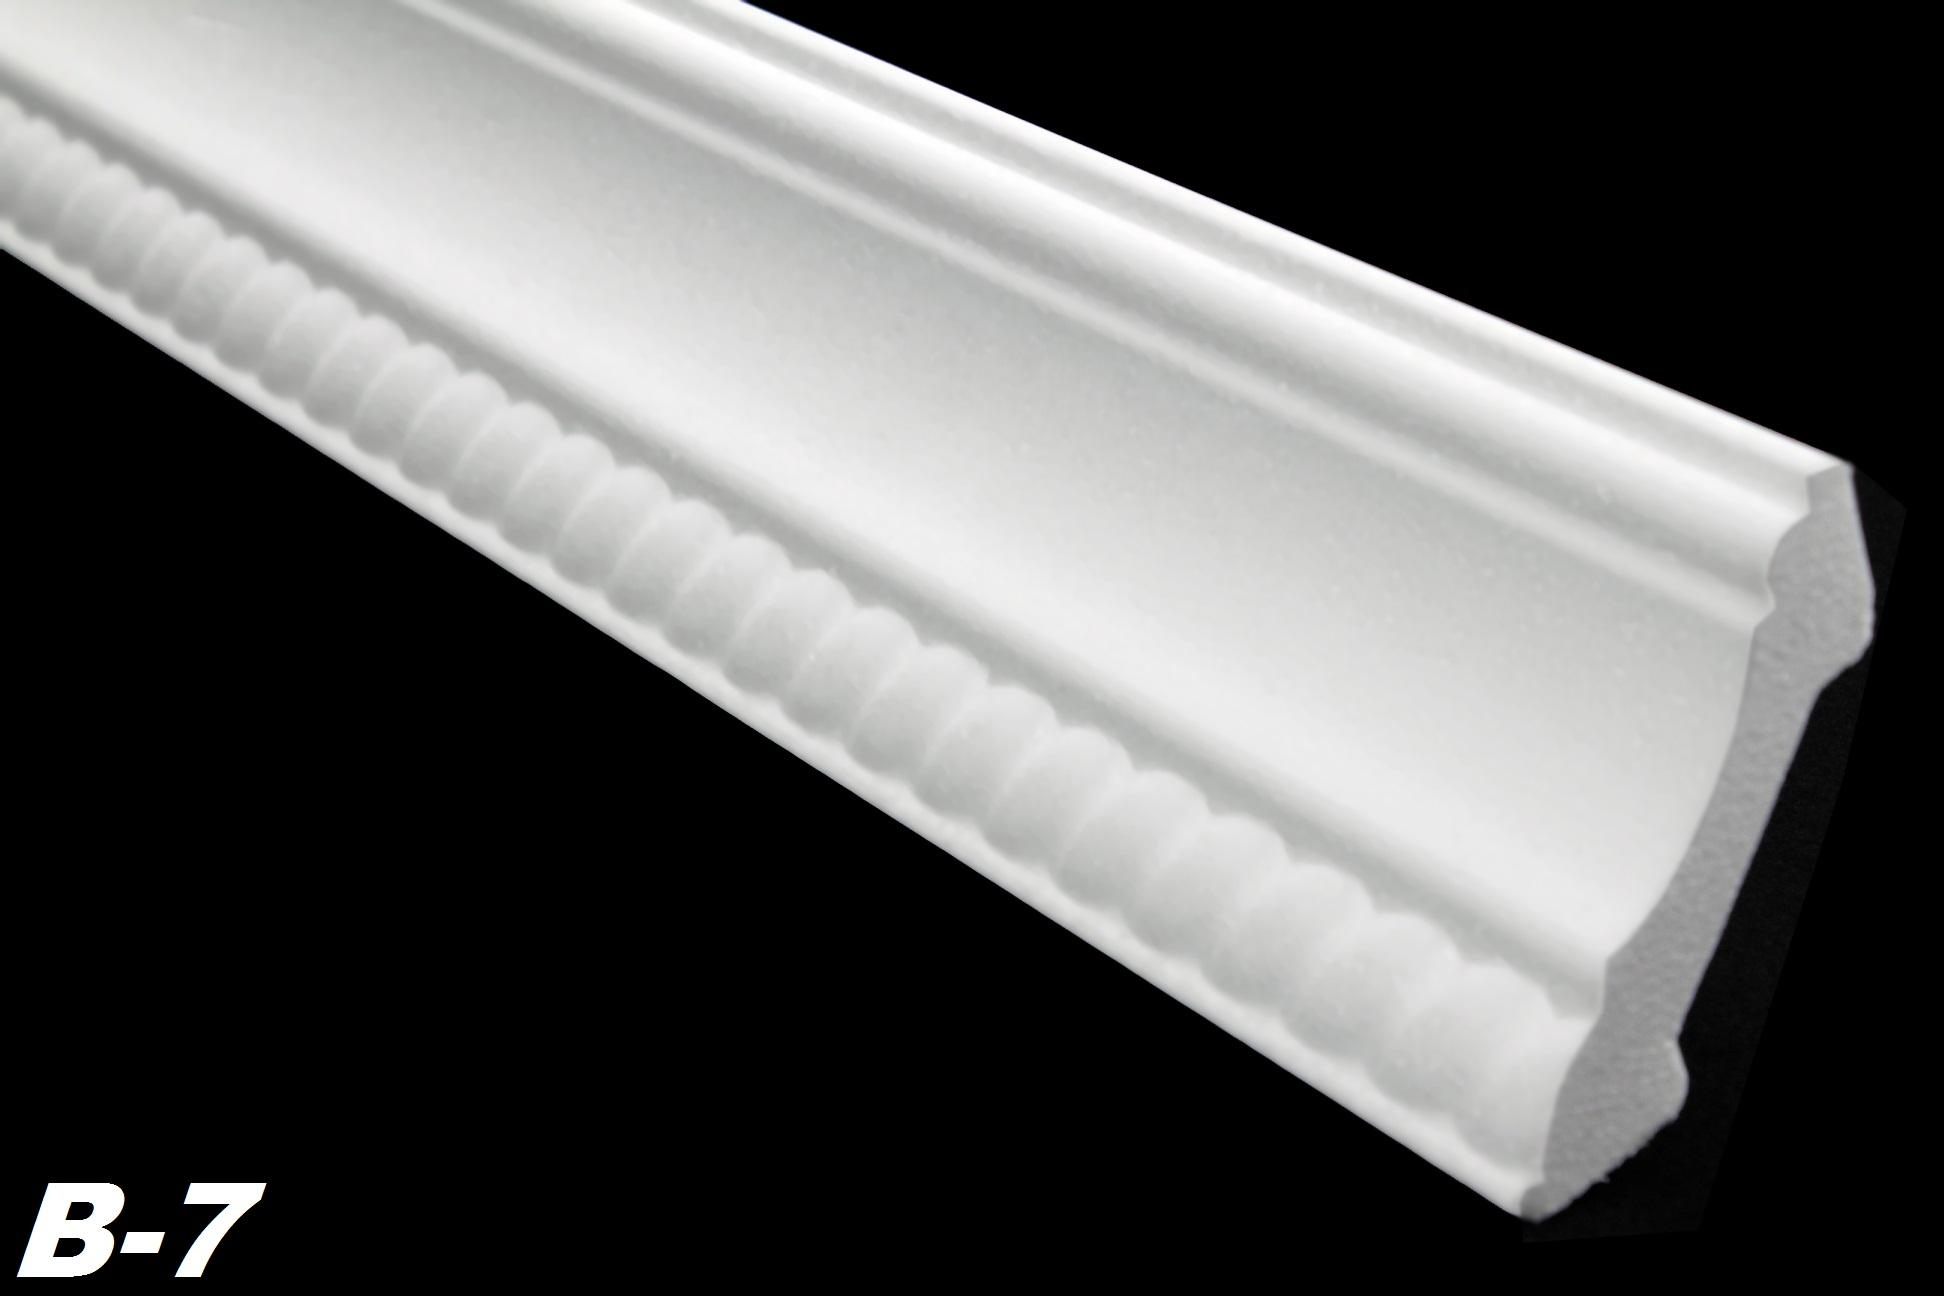 100 meter dekorleisten eckprofile styropor innen stuckleiste 53x53mm b 7. Black Bedroom Furniture Sets. Home Design Ideas